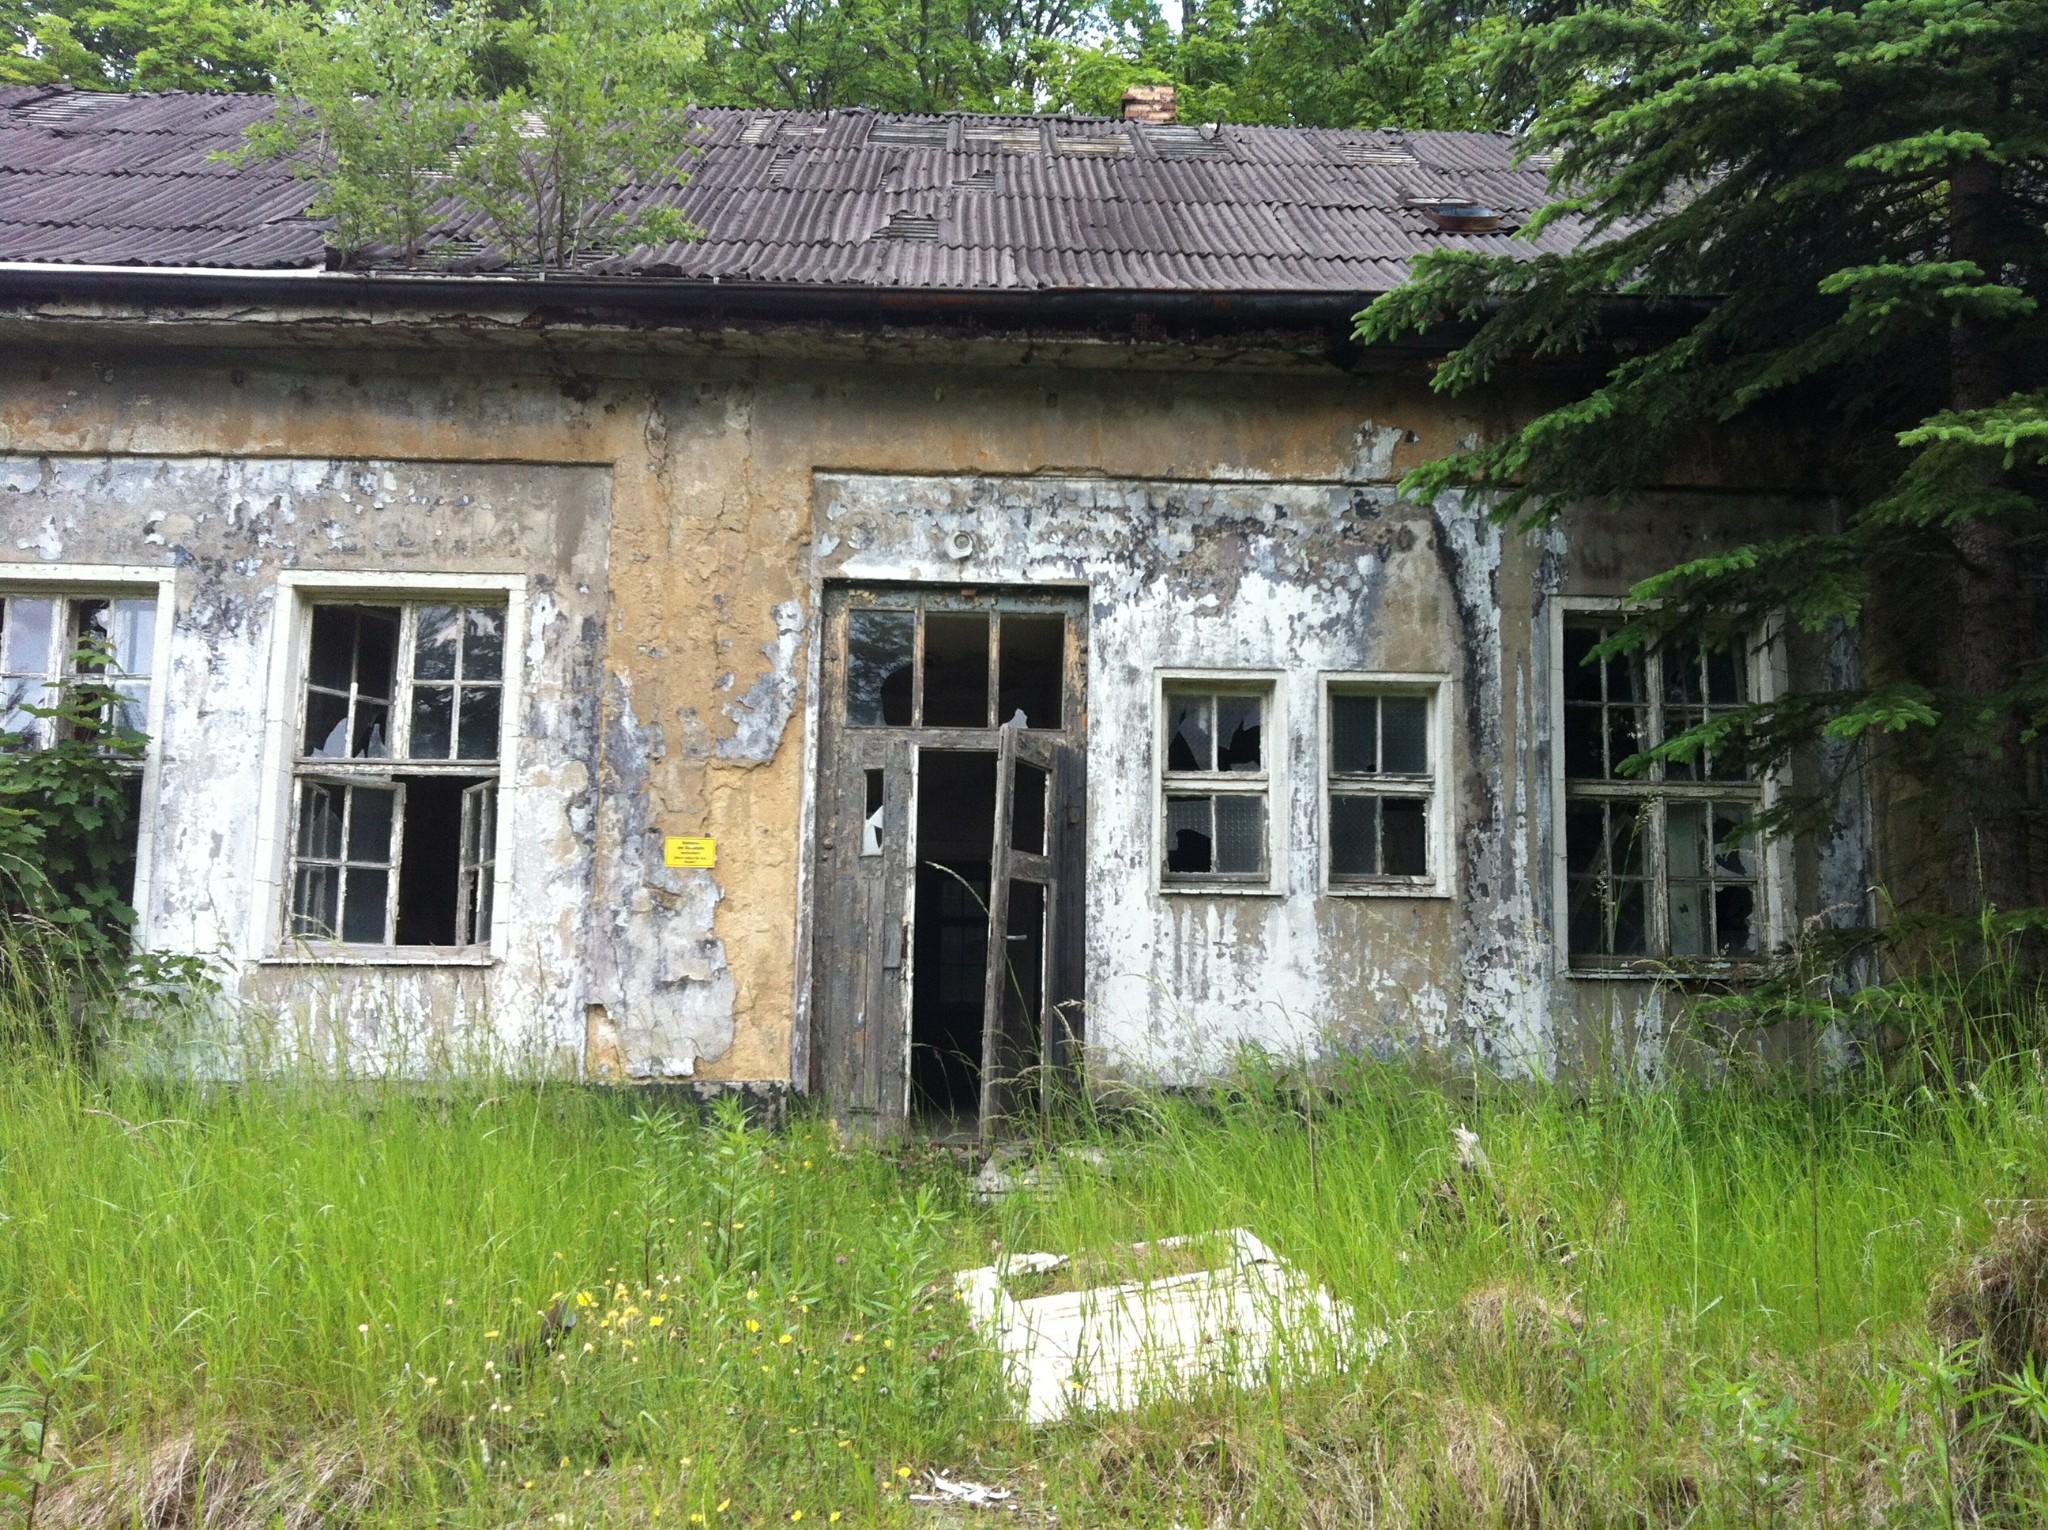 Photo: Zuletzt wurden diese Gebäude seit 1946 von den russischen Besatzern genutzt.